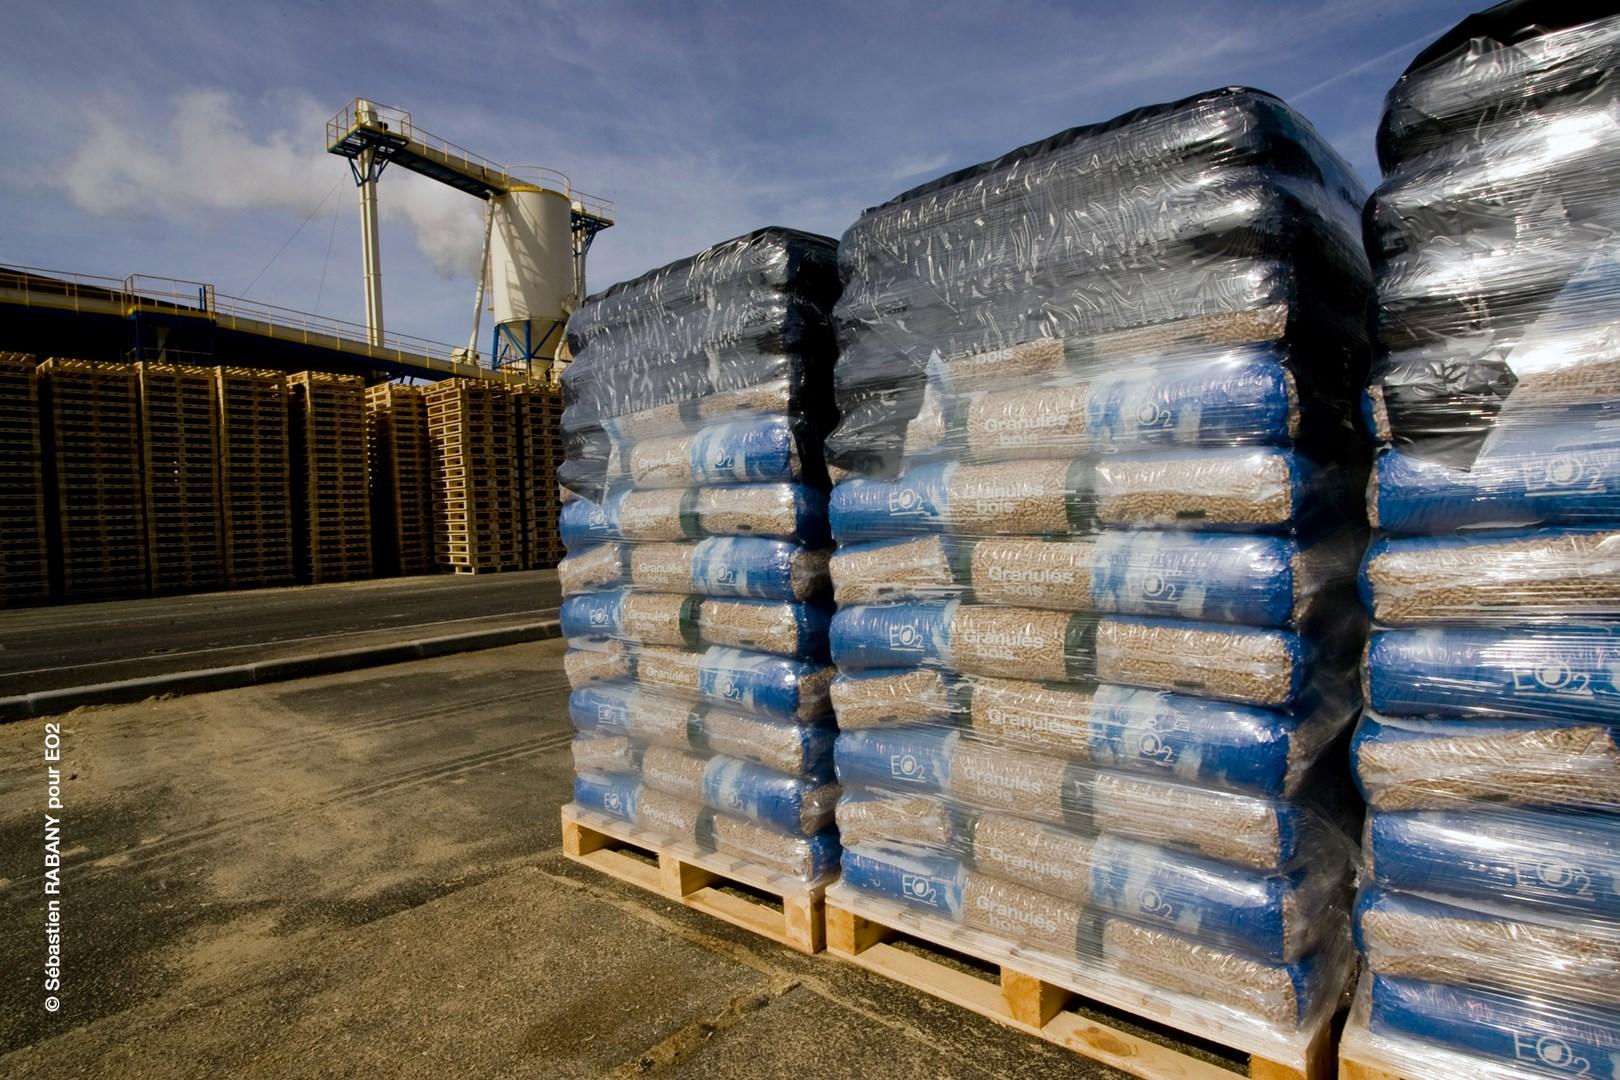 Livraisonà domicile de granulés bois EO2 en palette de 66 sacs Vente et livraison de pellets  # Livraison Granulés Bois